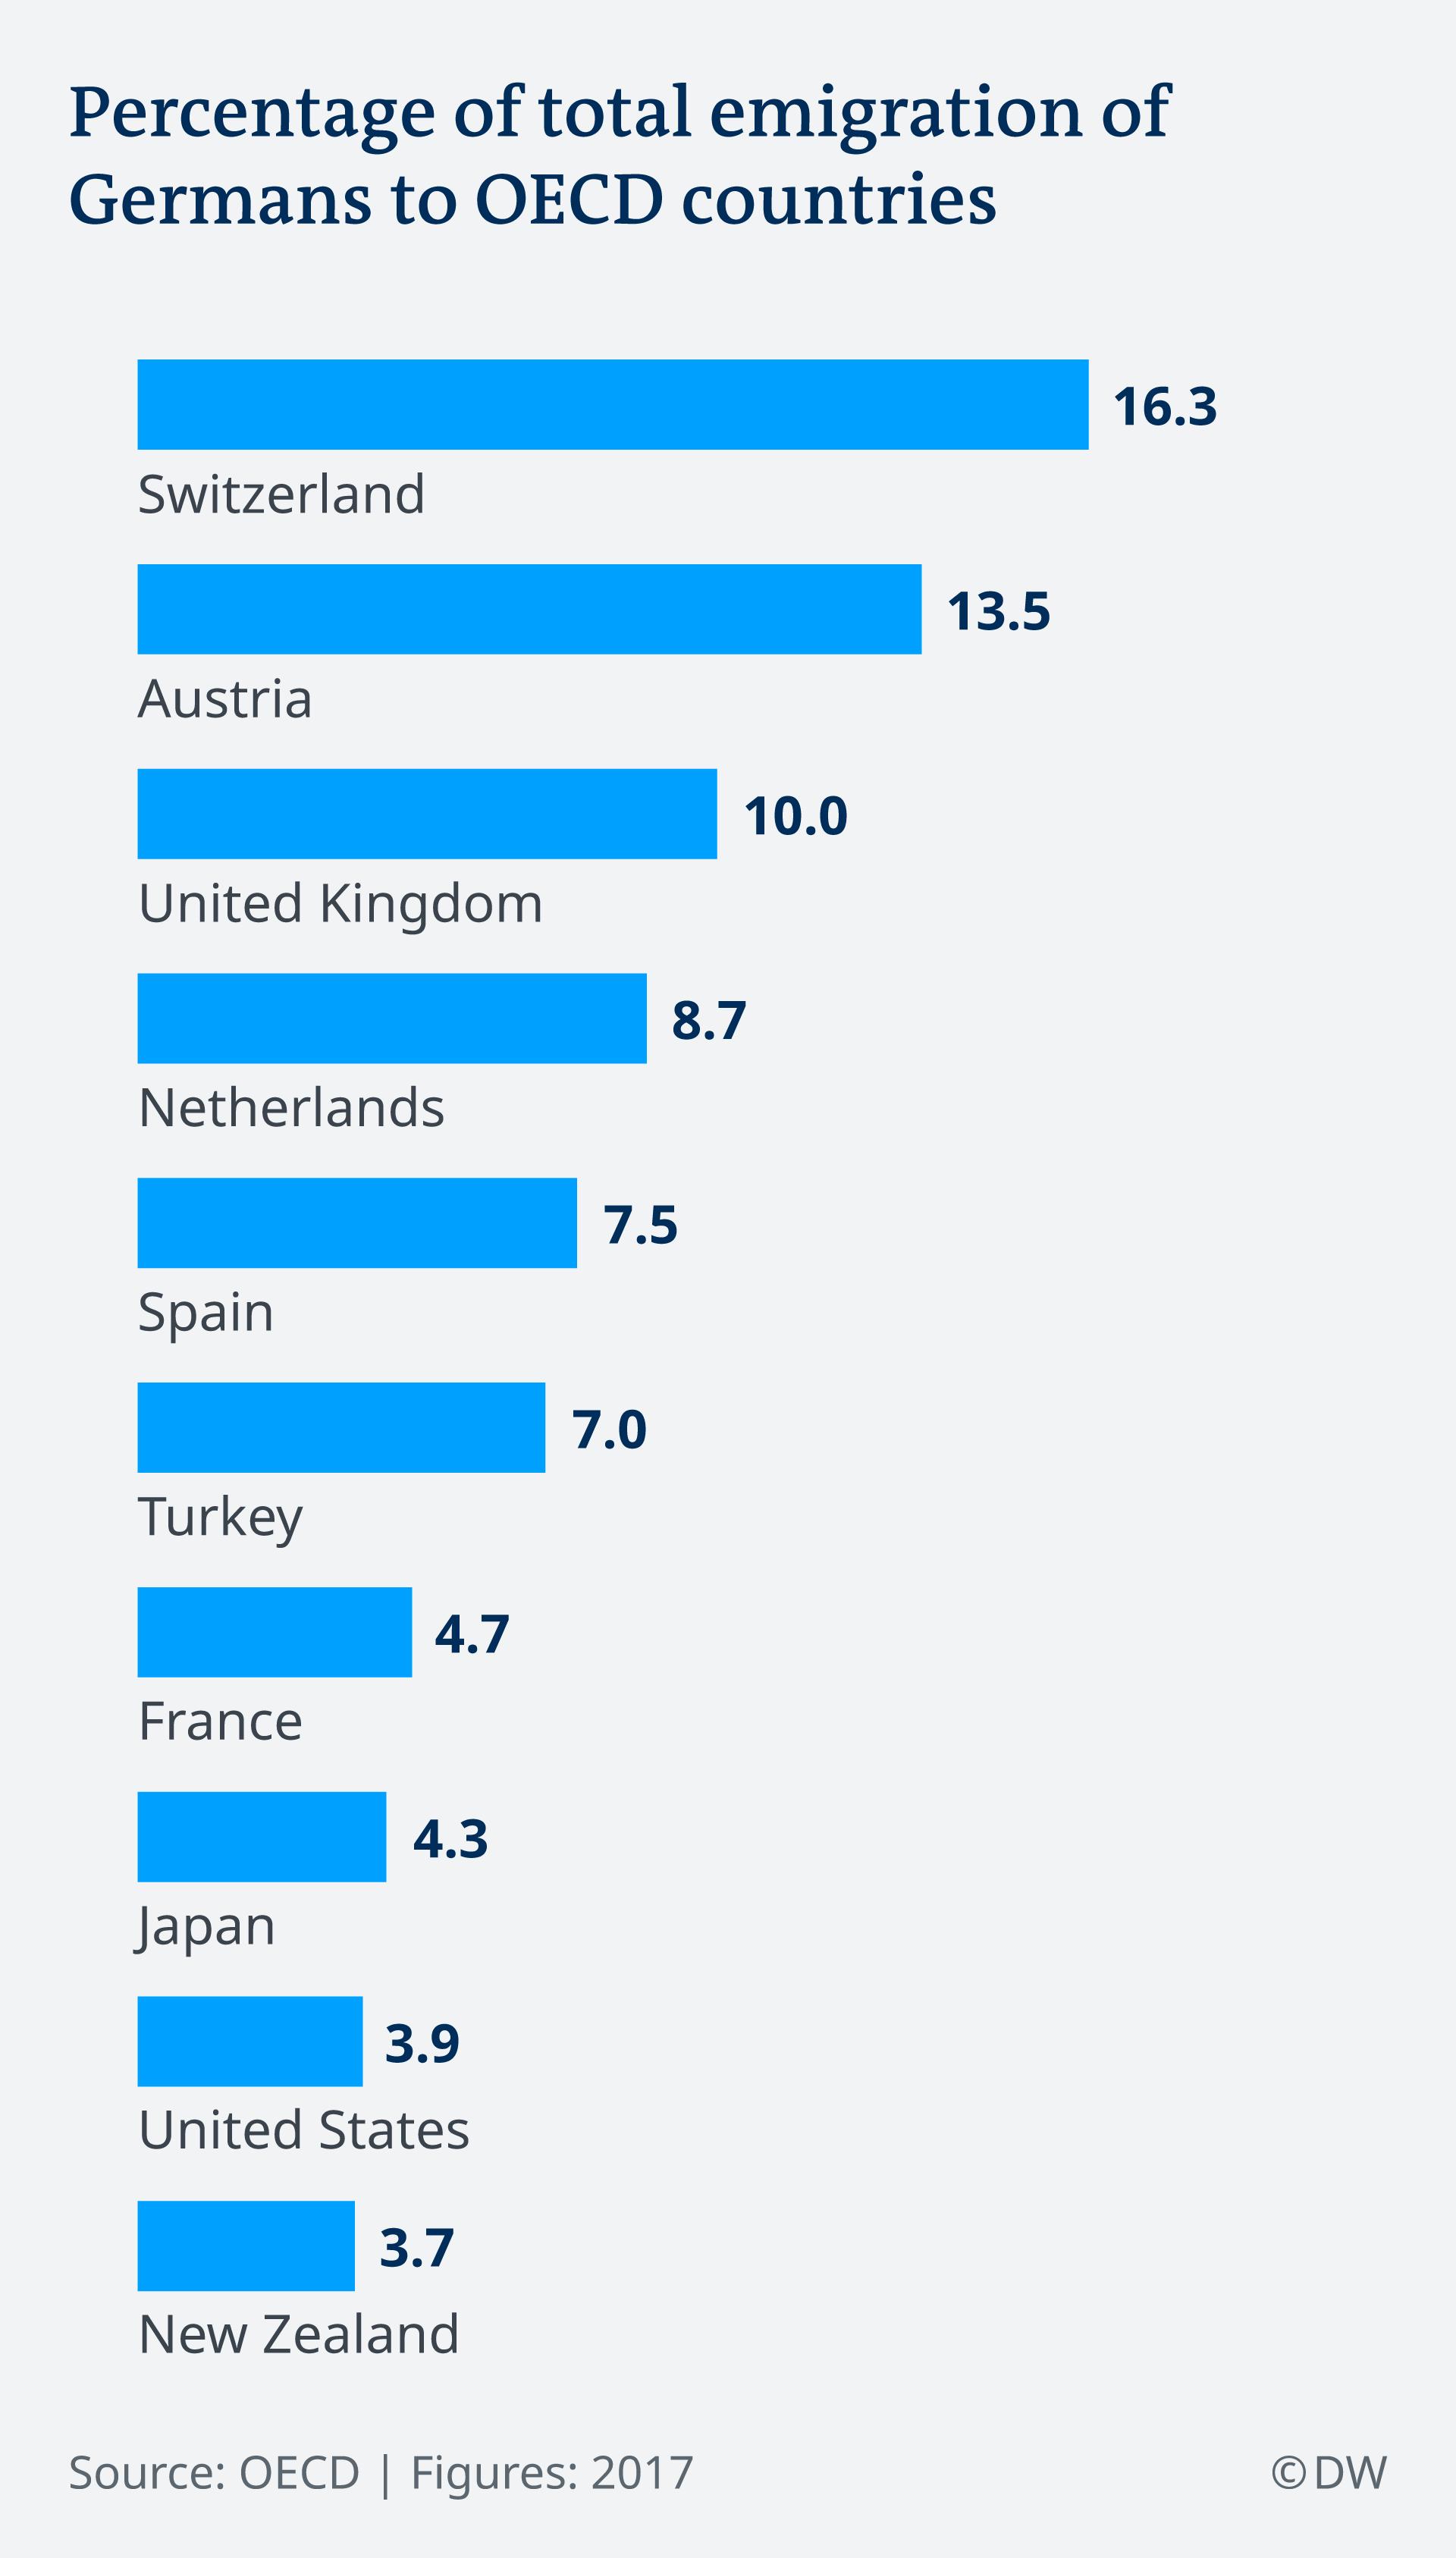 【ドイツ】毎年25万人のドイツ人が移民としてドイツを出て行く 移民先1位はスイス、2位オーストリア